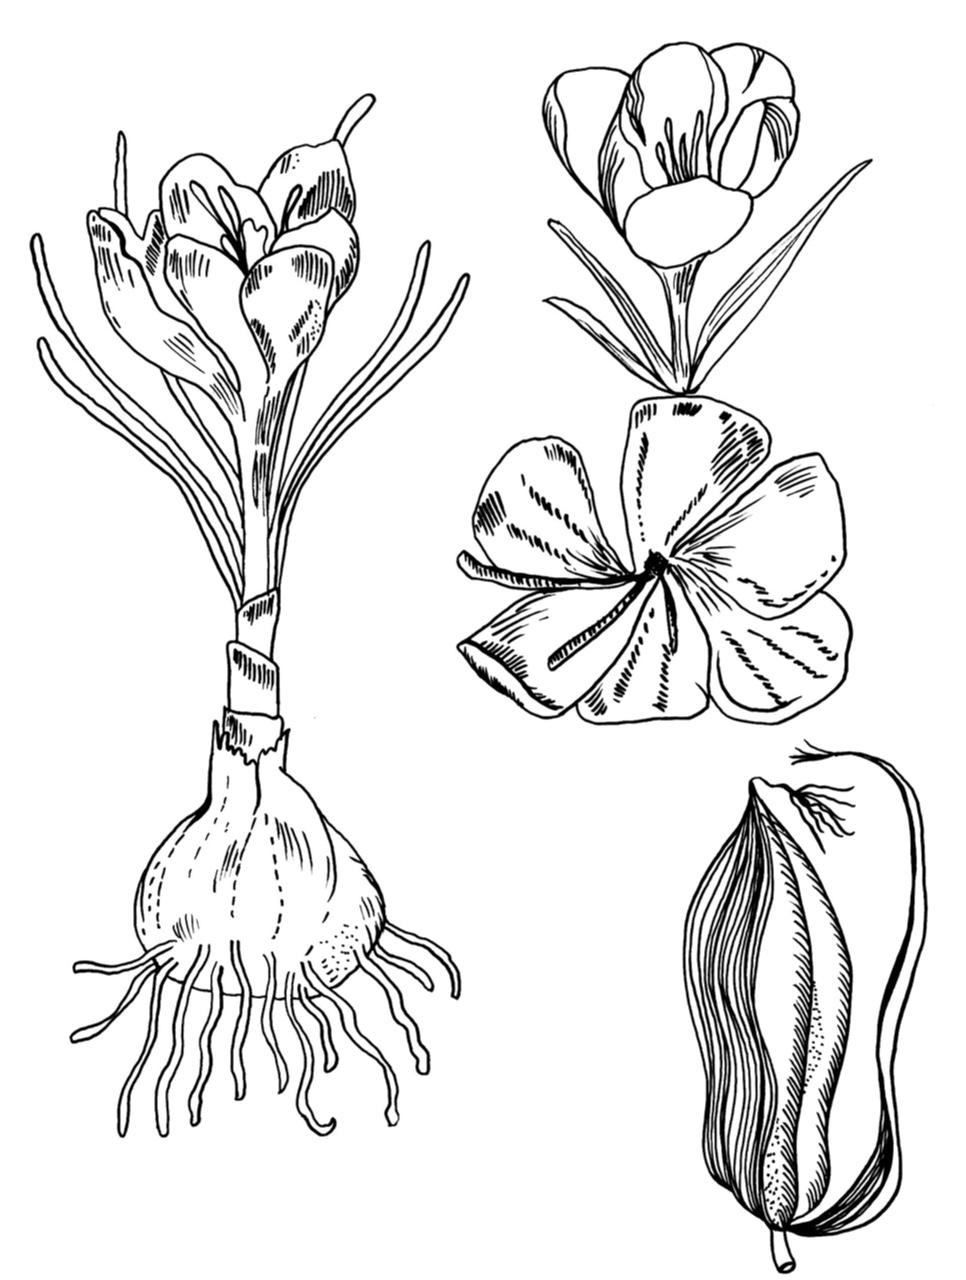 Garlic and saffron flower